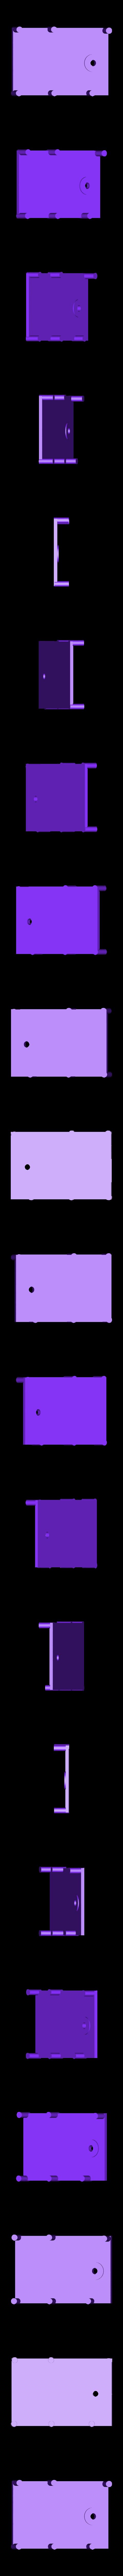 mill_base1.stl Télécharger fichier STL gratuit Le moulin • Design pour imprimante 3D, Earsling